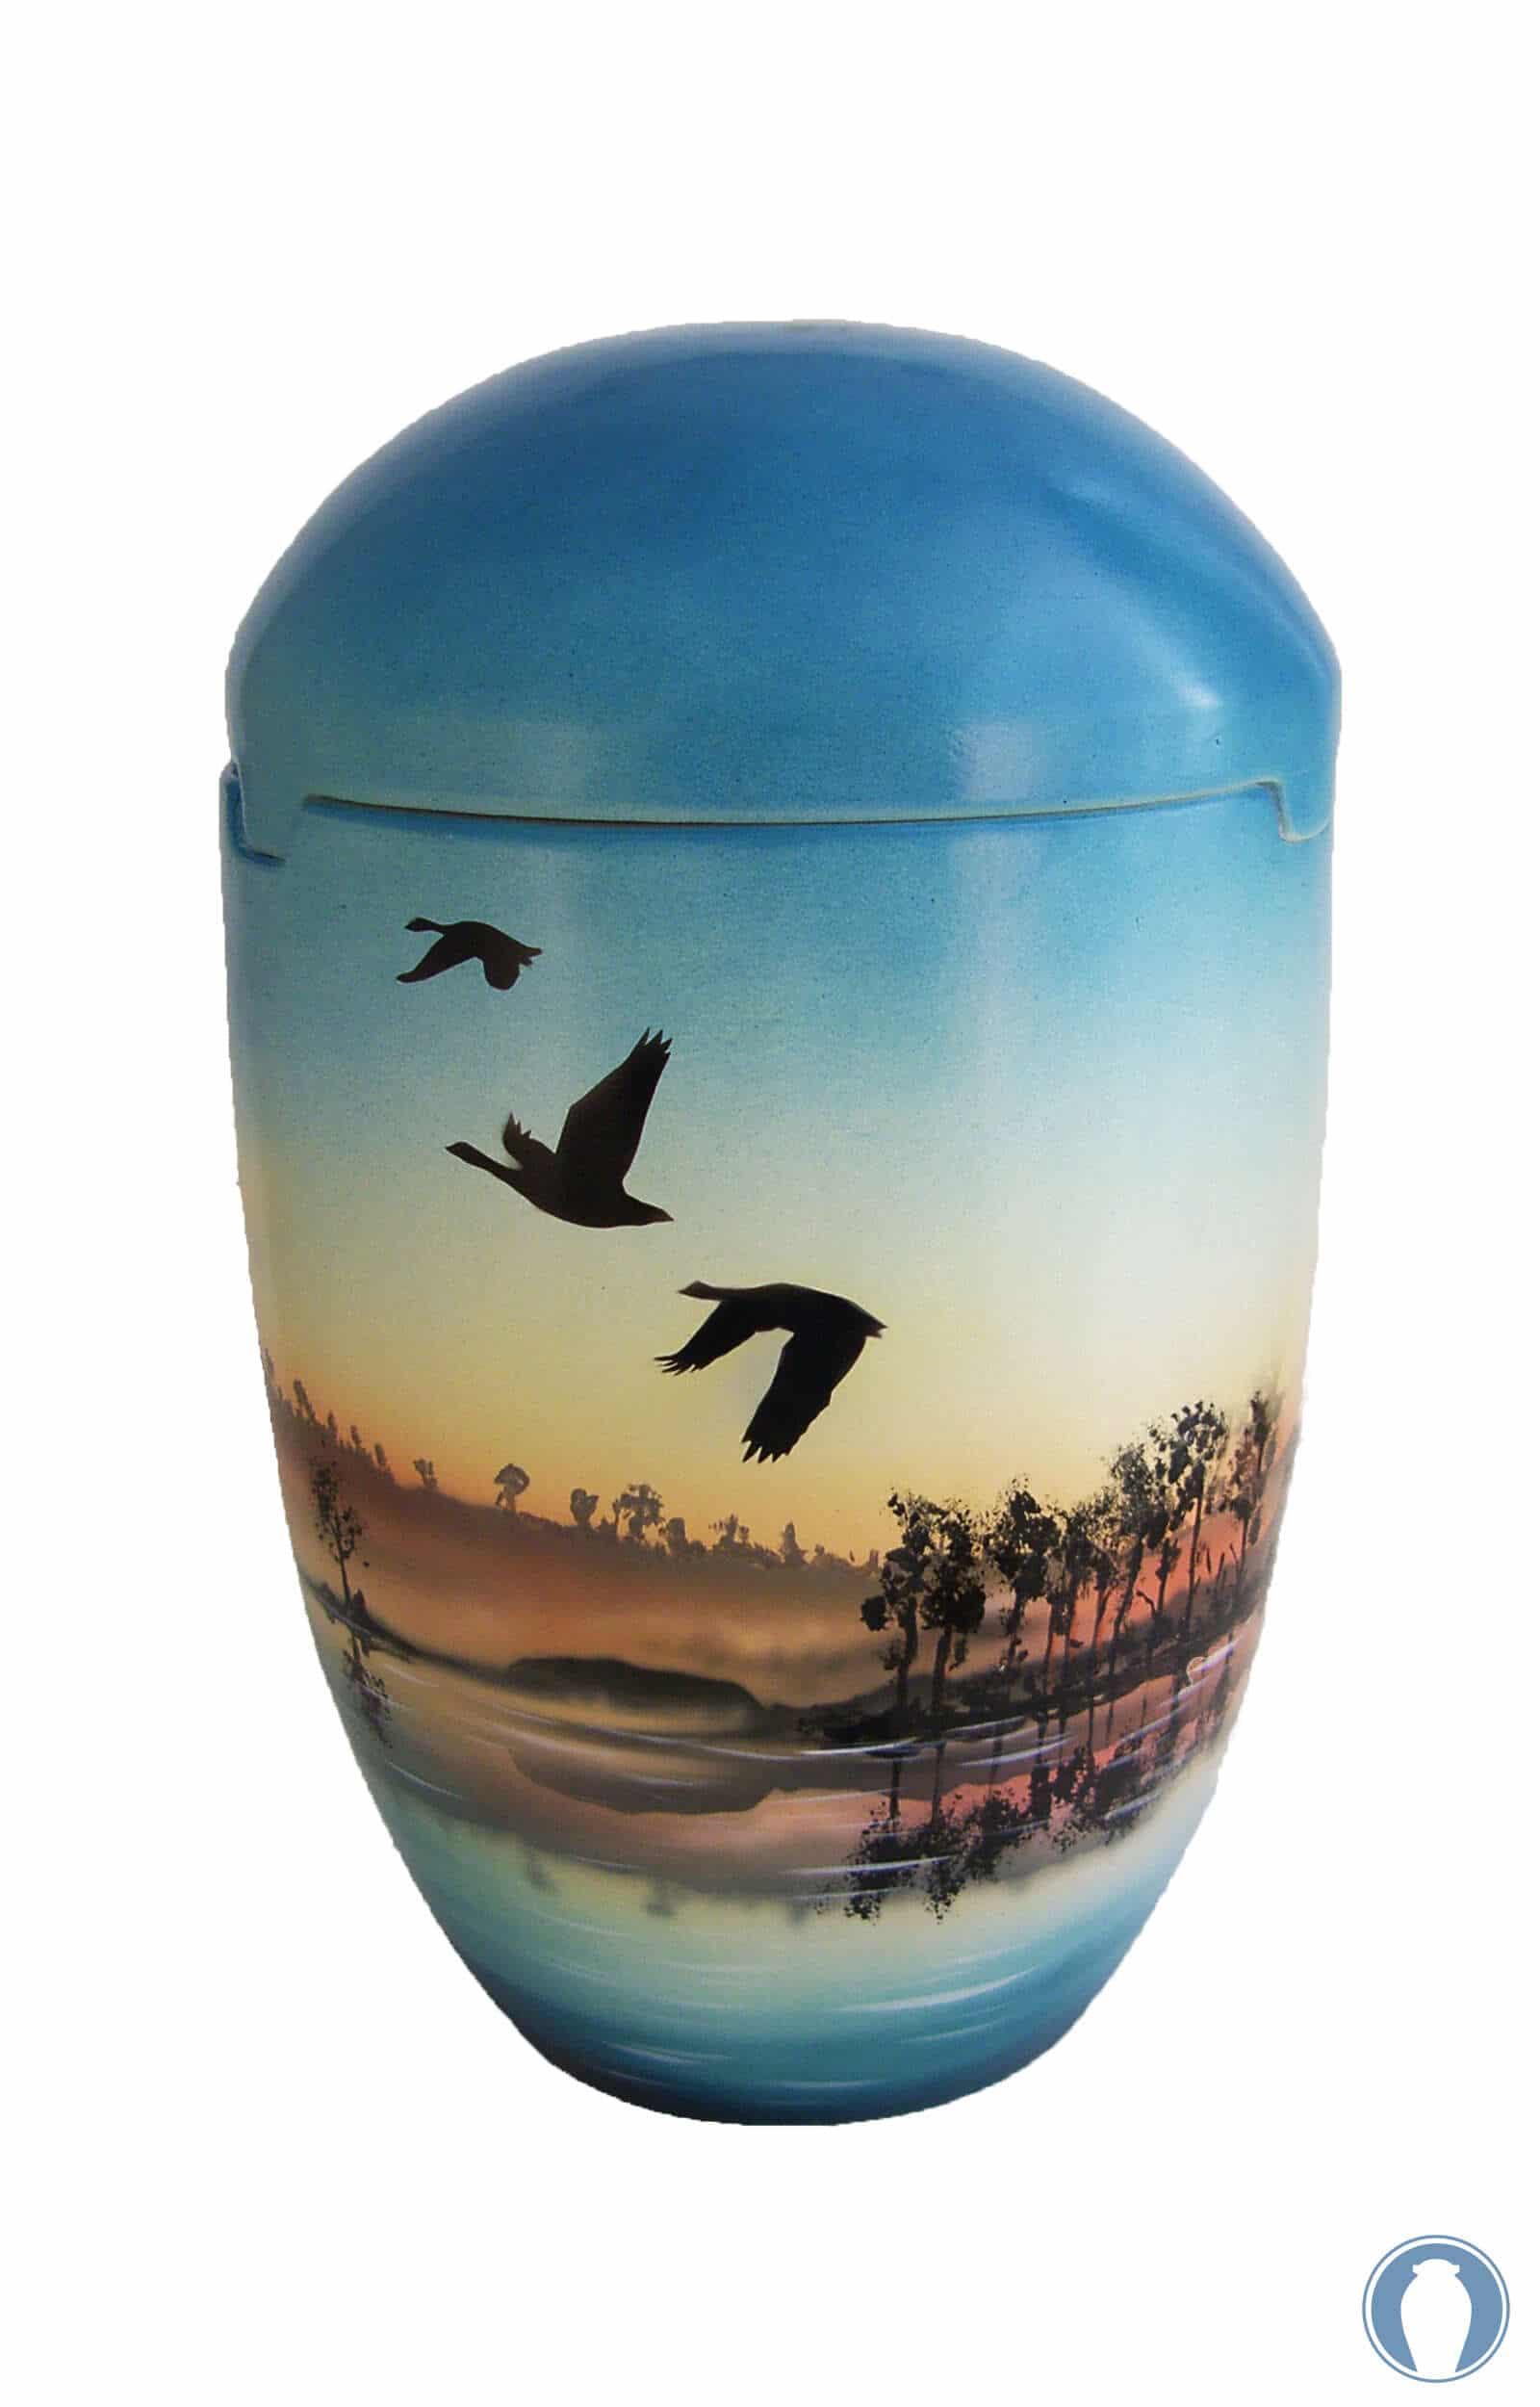 Seeurne himmelblau mit Sonnenaufgang und Vögel für seebestattungen